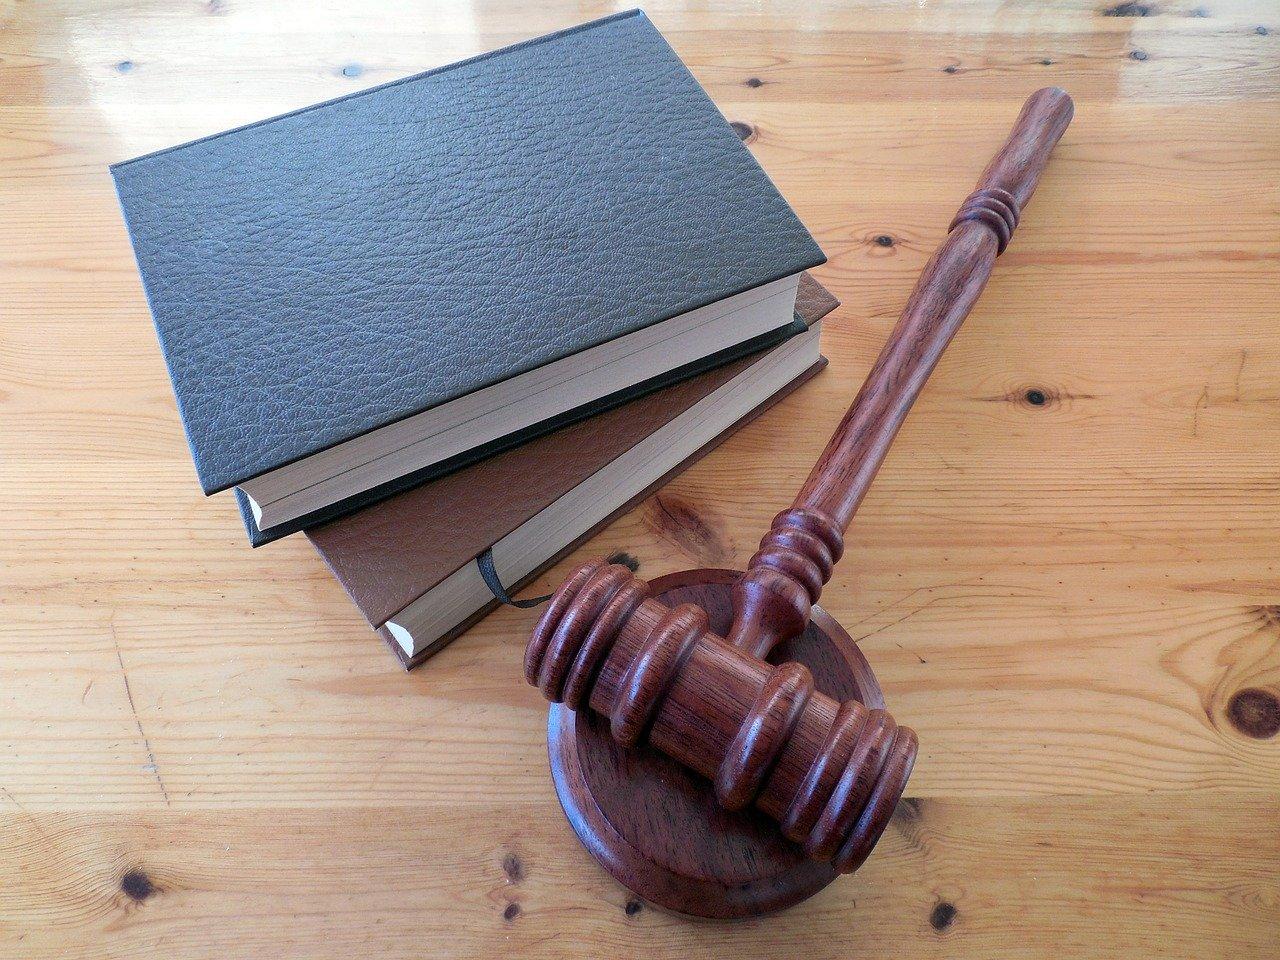 Жителя Твери осудили за экстремистские посты в соцсетях - новости Афанасий